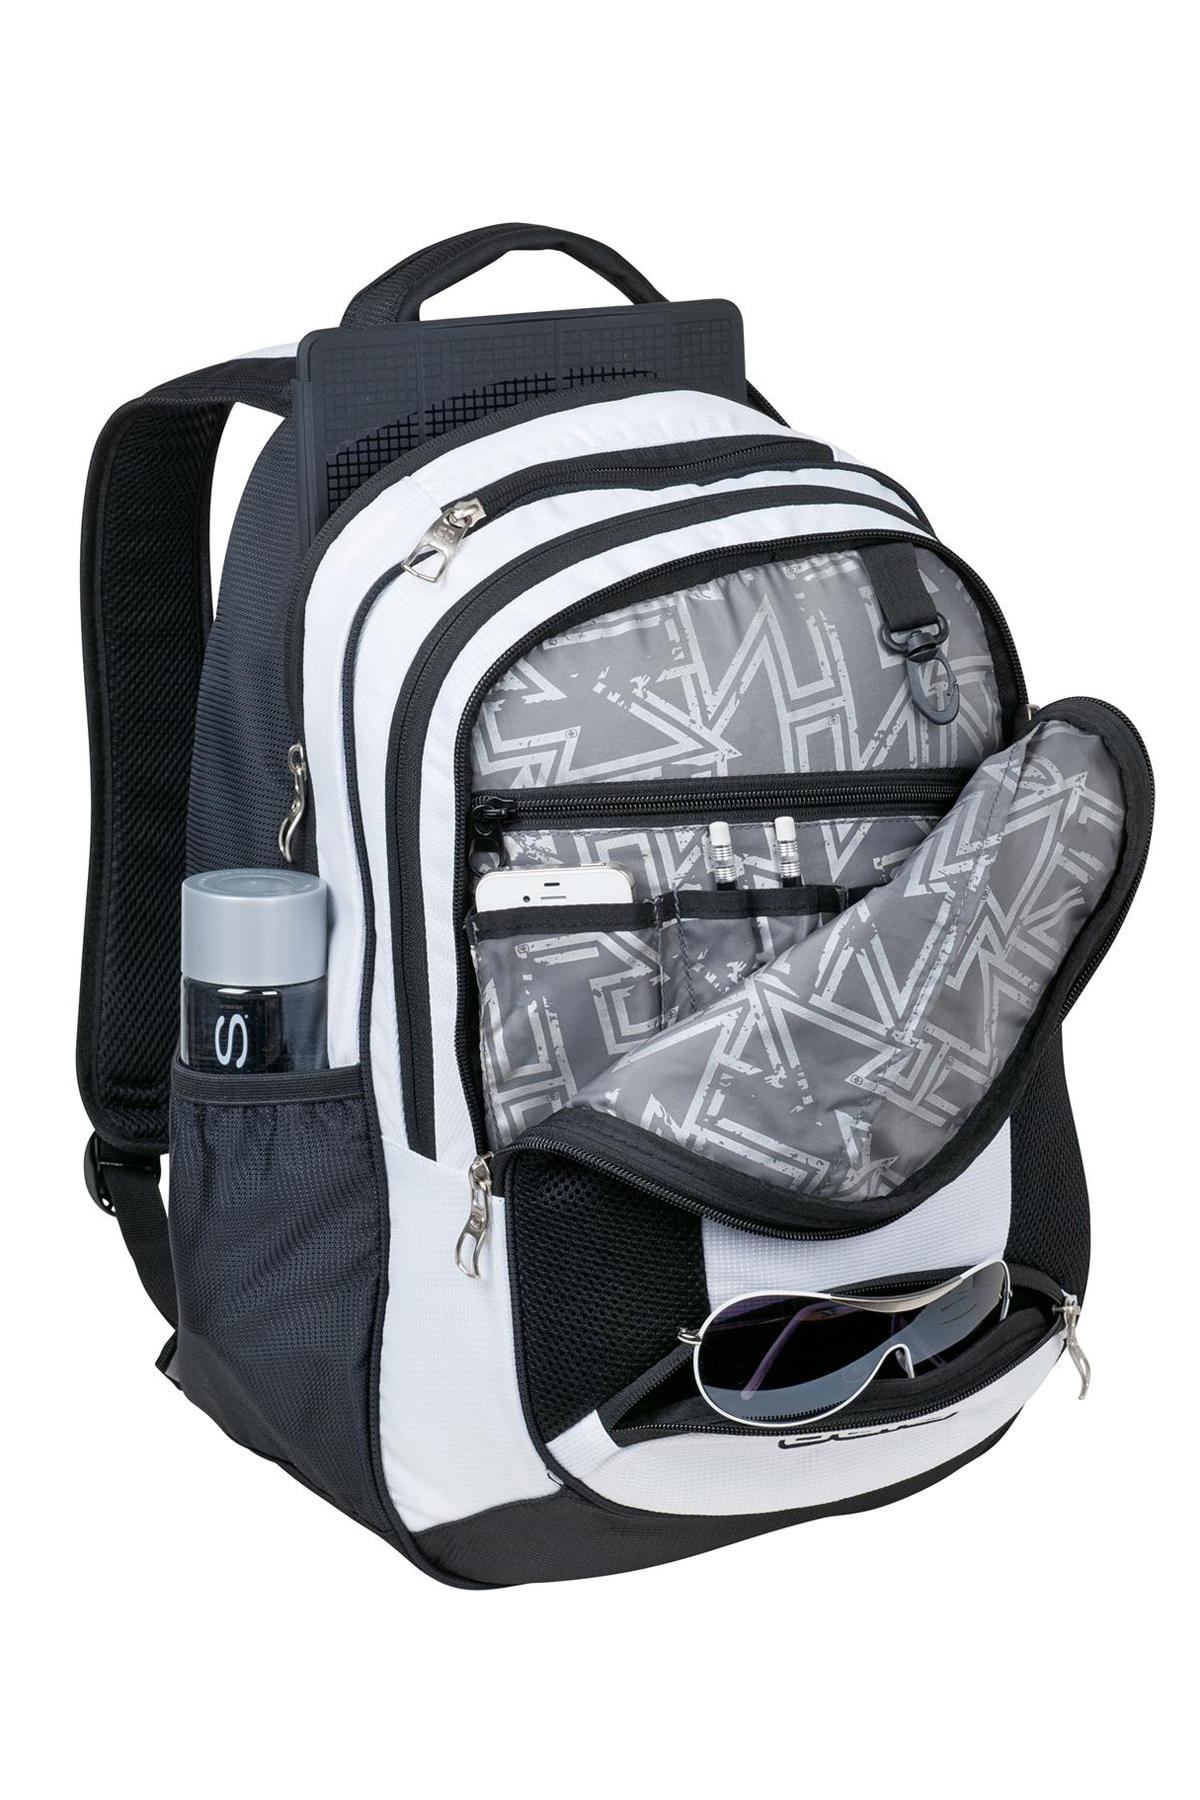 Bags-Backpacks-11